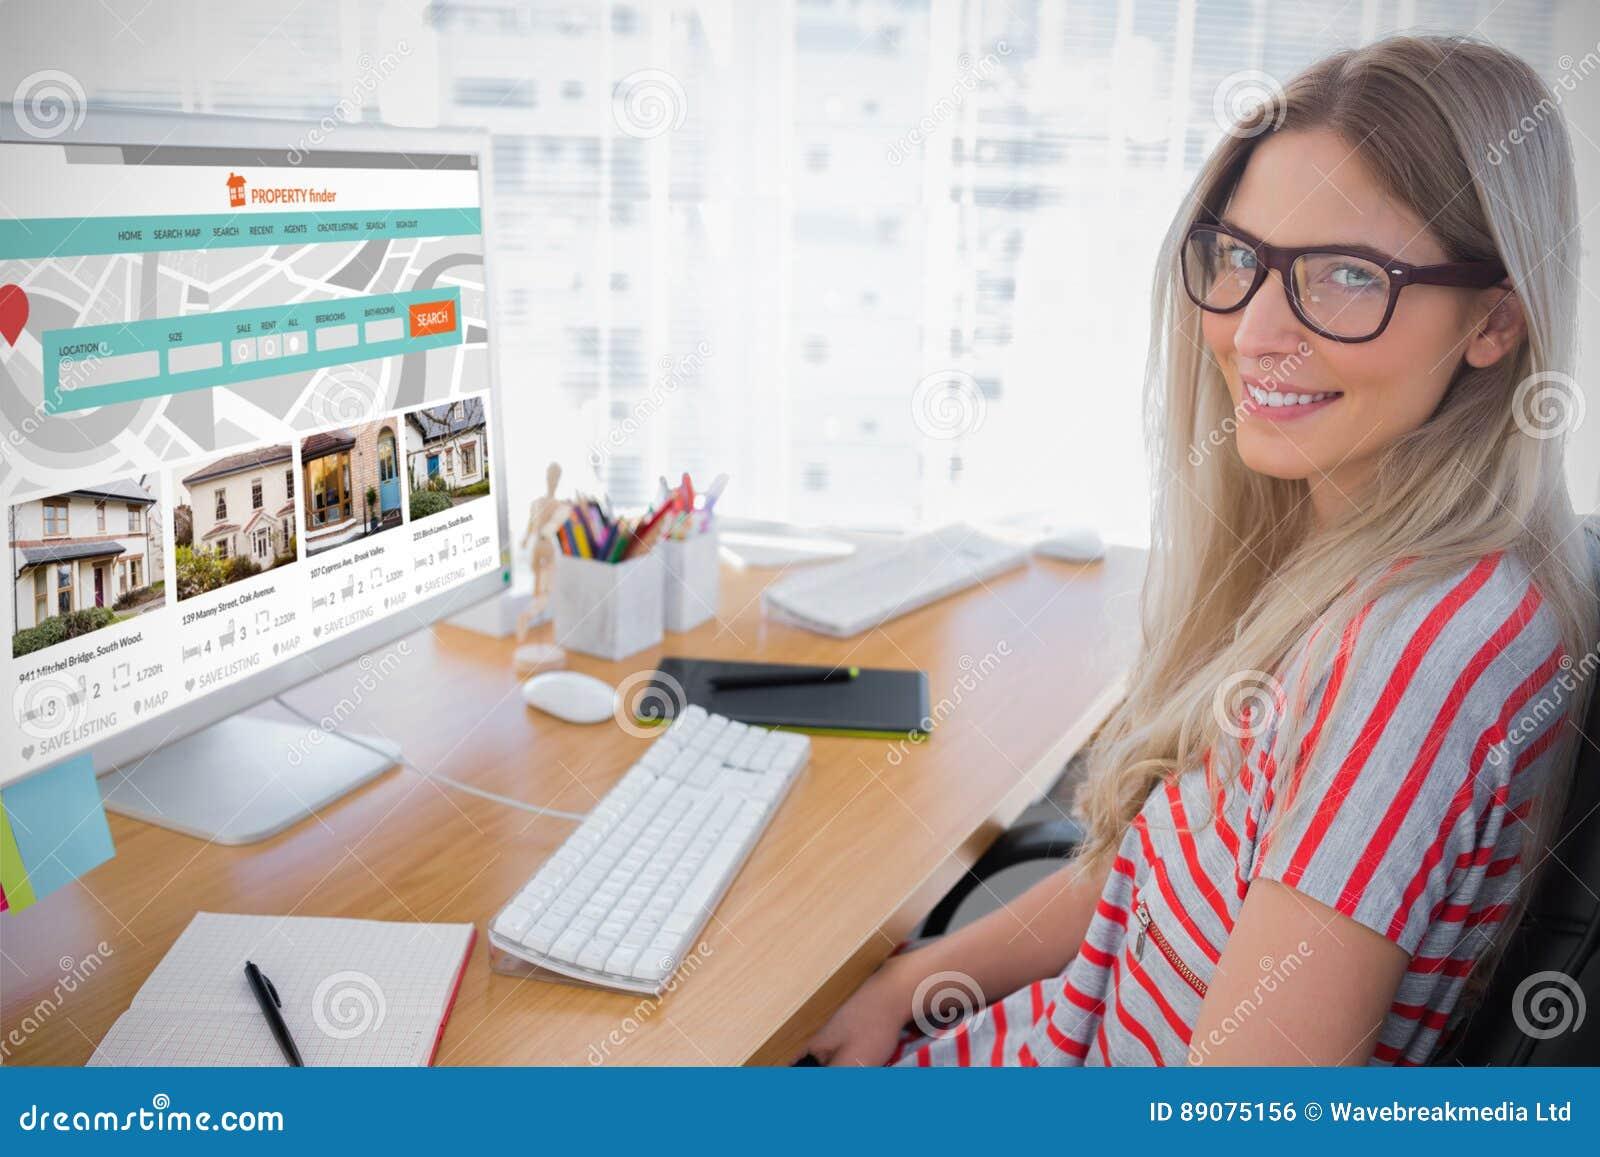 Immagine composita del redattore di foto attraente che lavora al computer